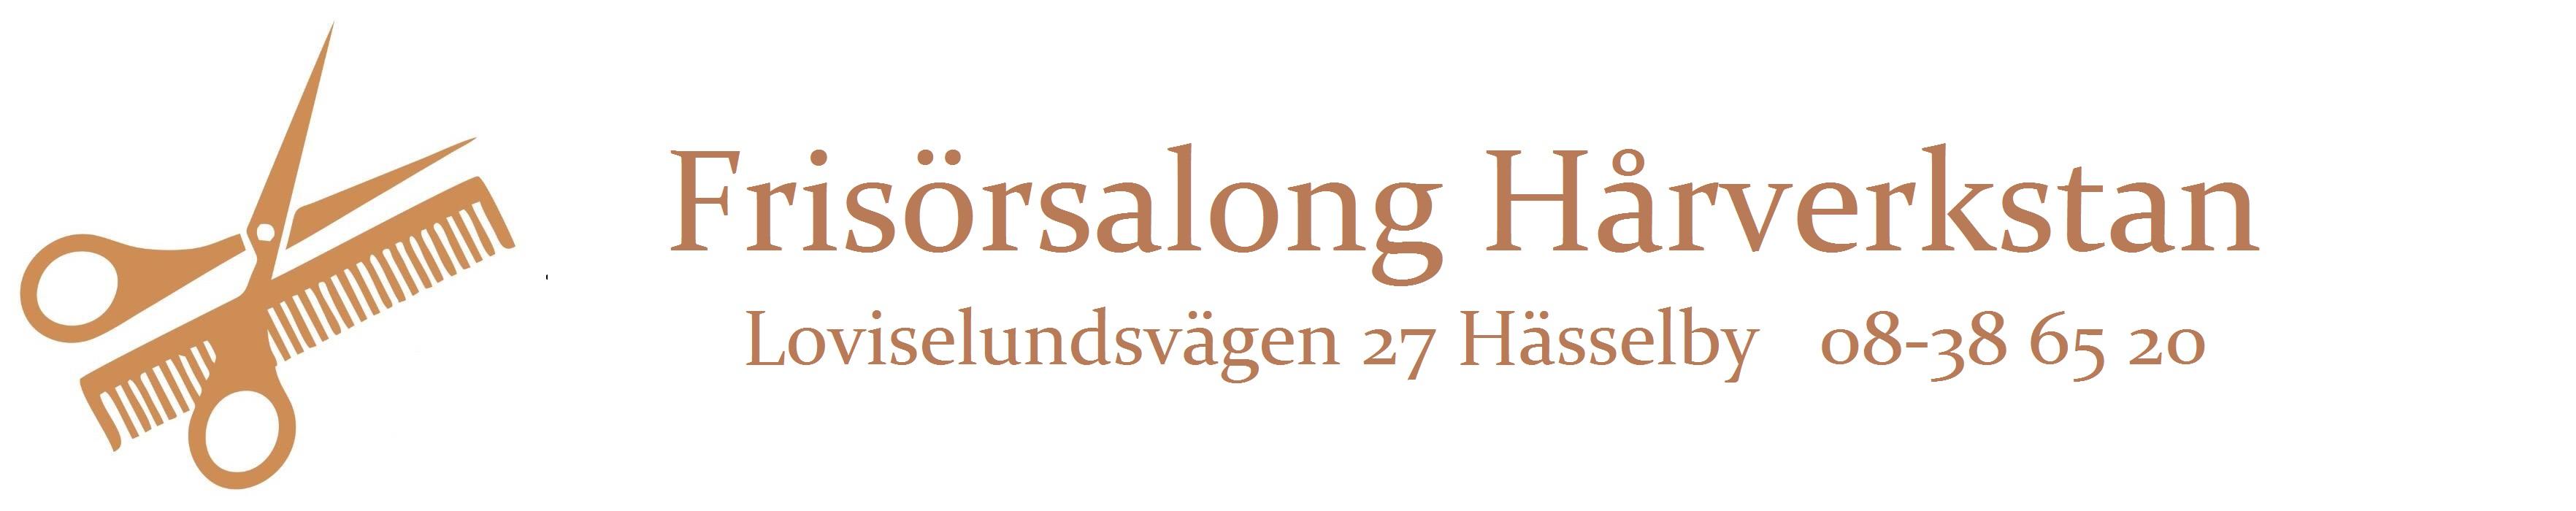 Frisörsalong Hässelby Hårverkstan